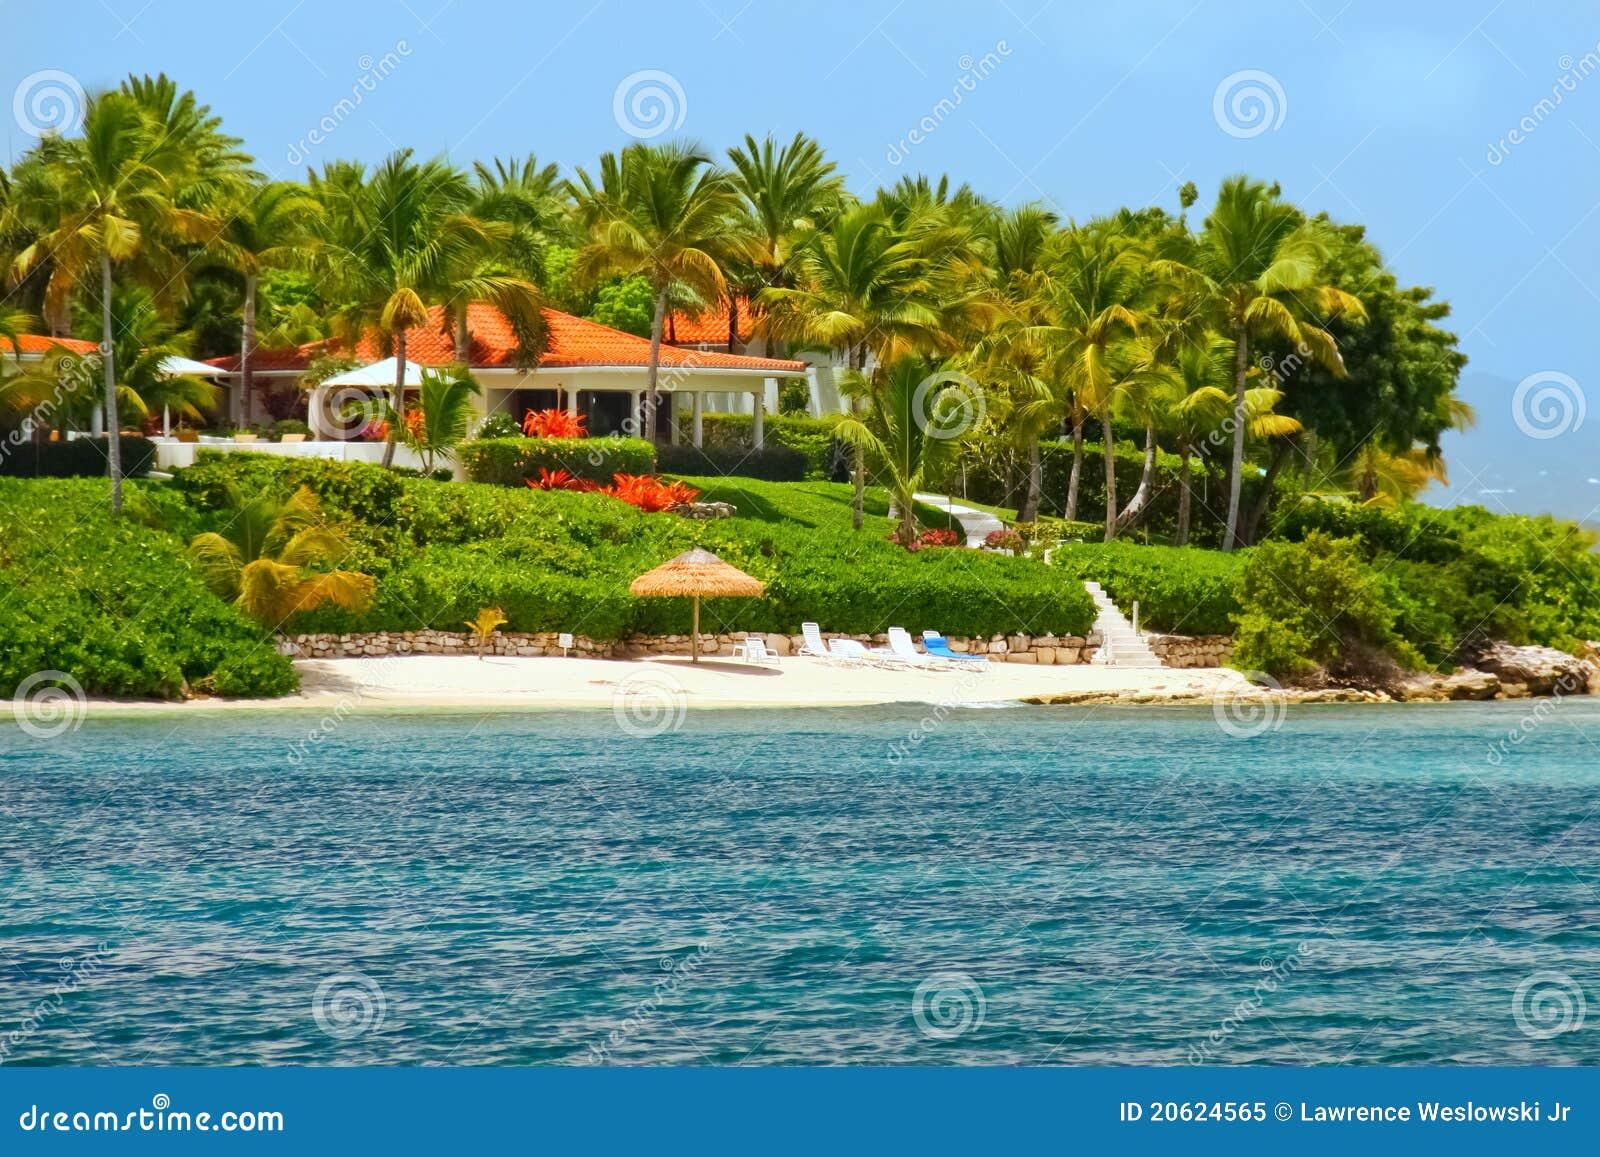 Belle maison de bord de mer avec la plage sur l 39 antigua for Maison de bord de mer